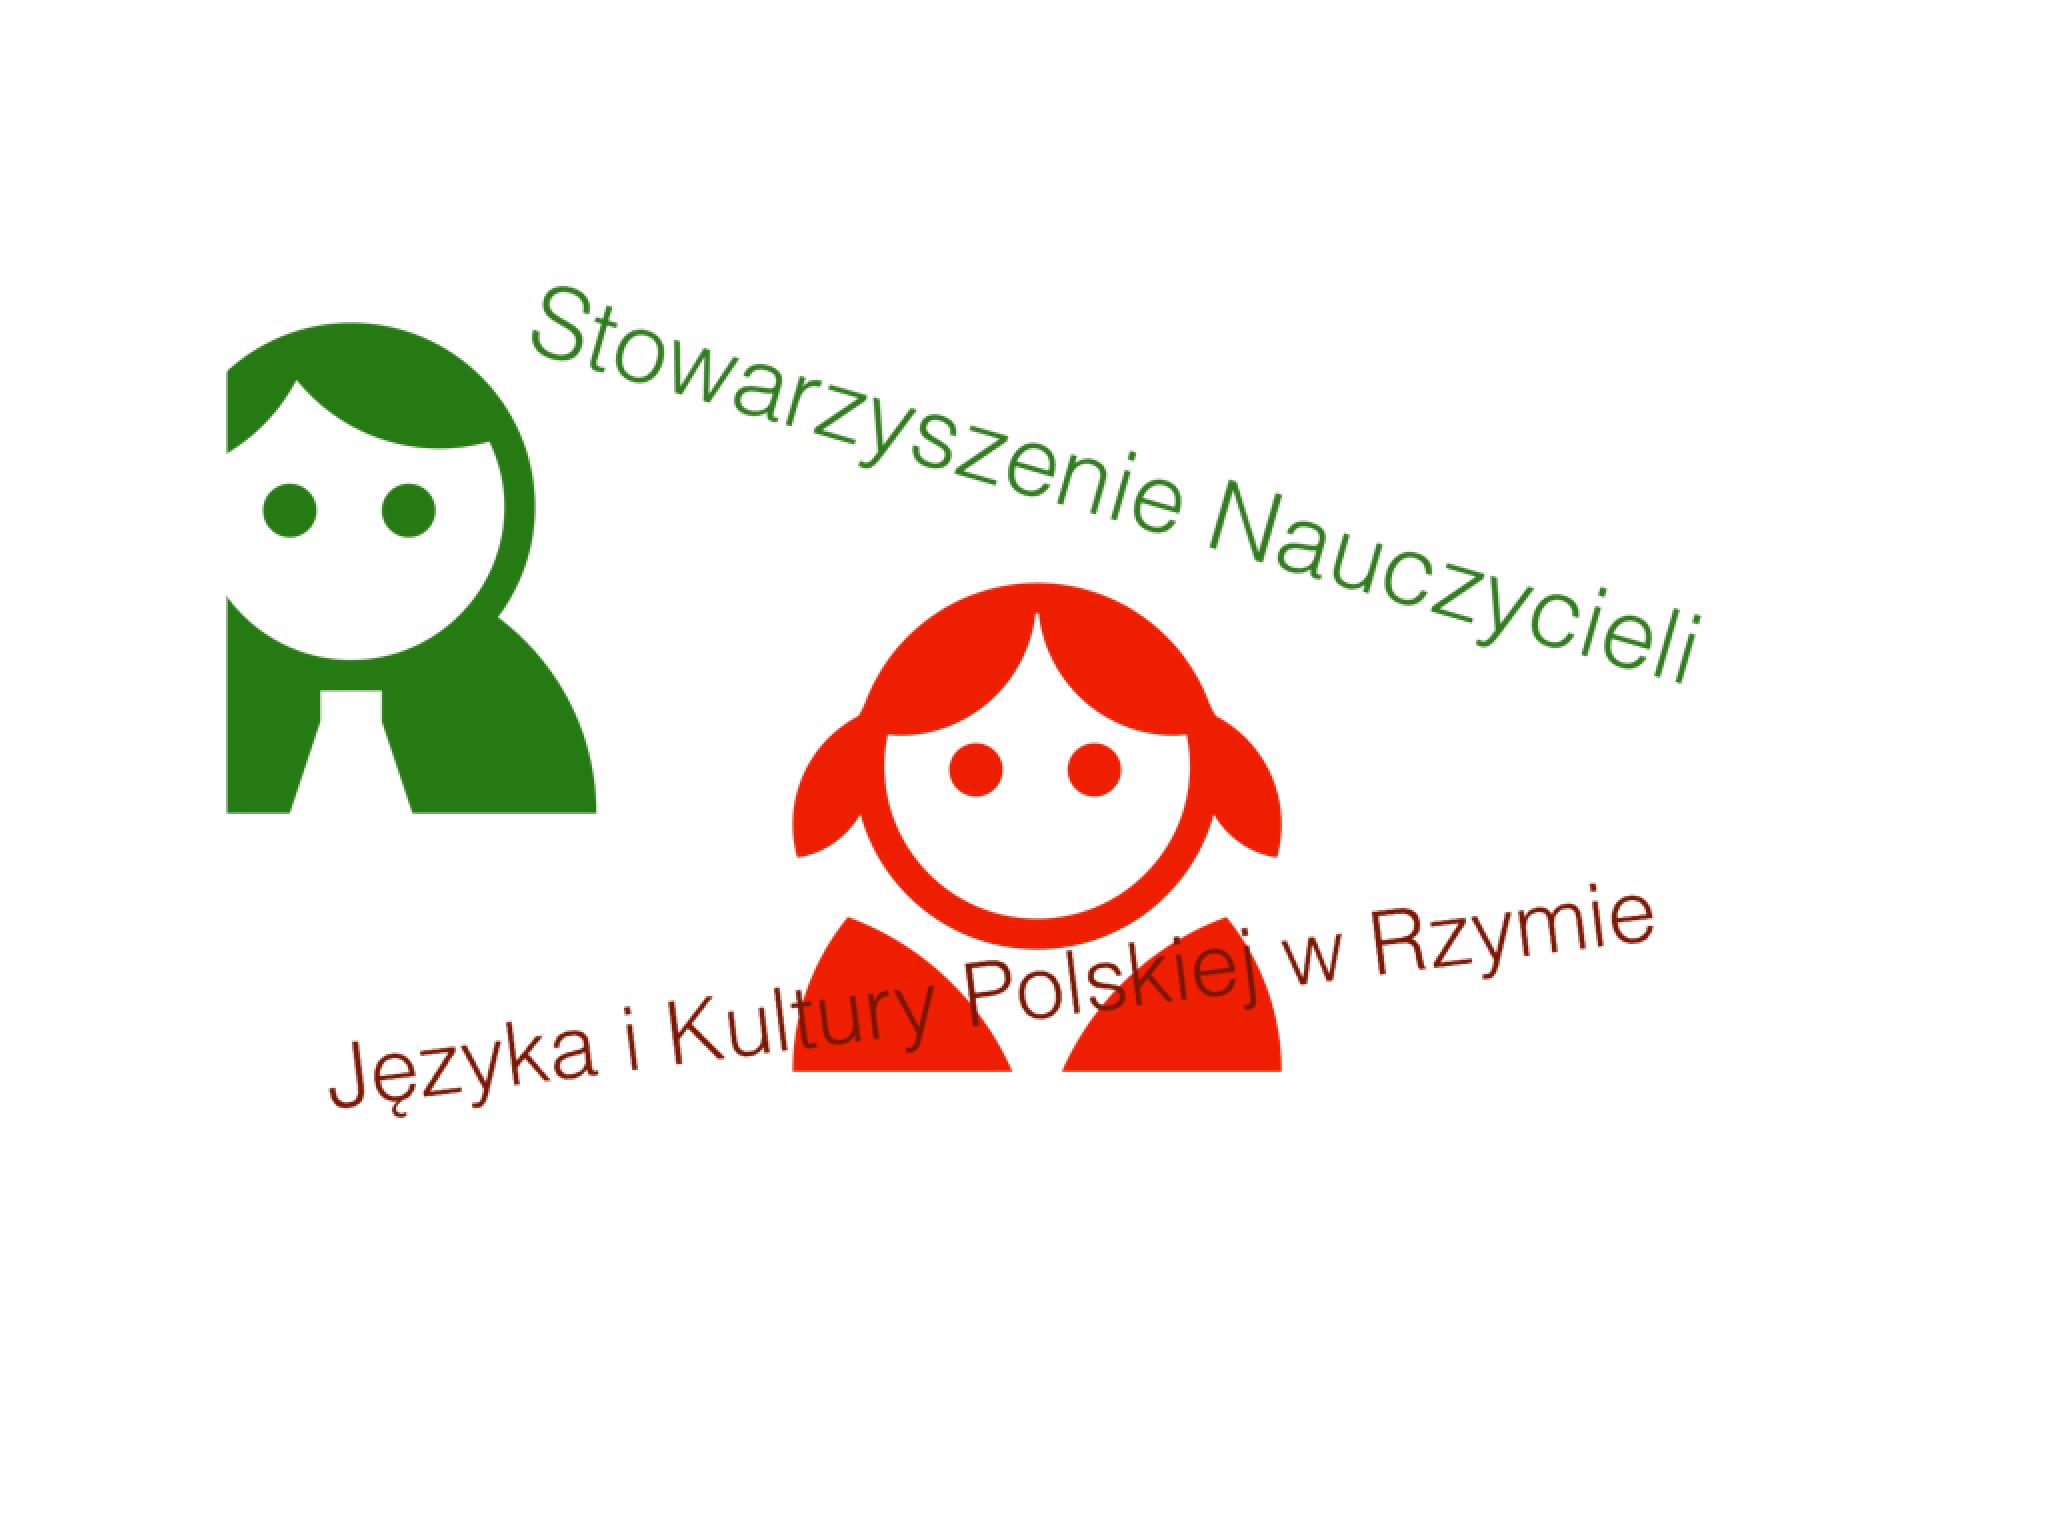 Stowarzyszenie Nauczycieli - rzym.png